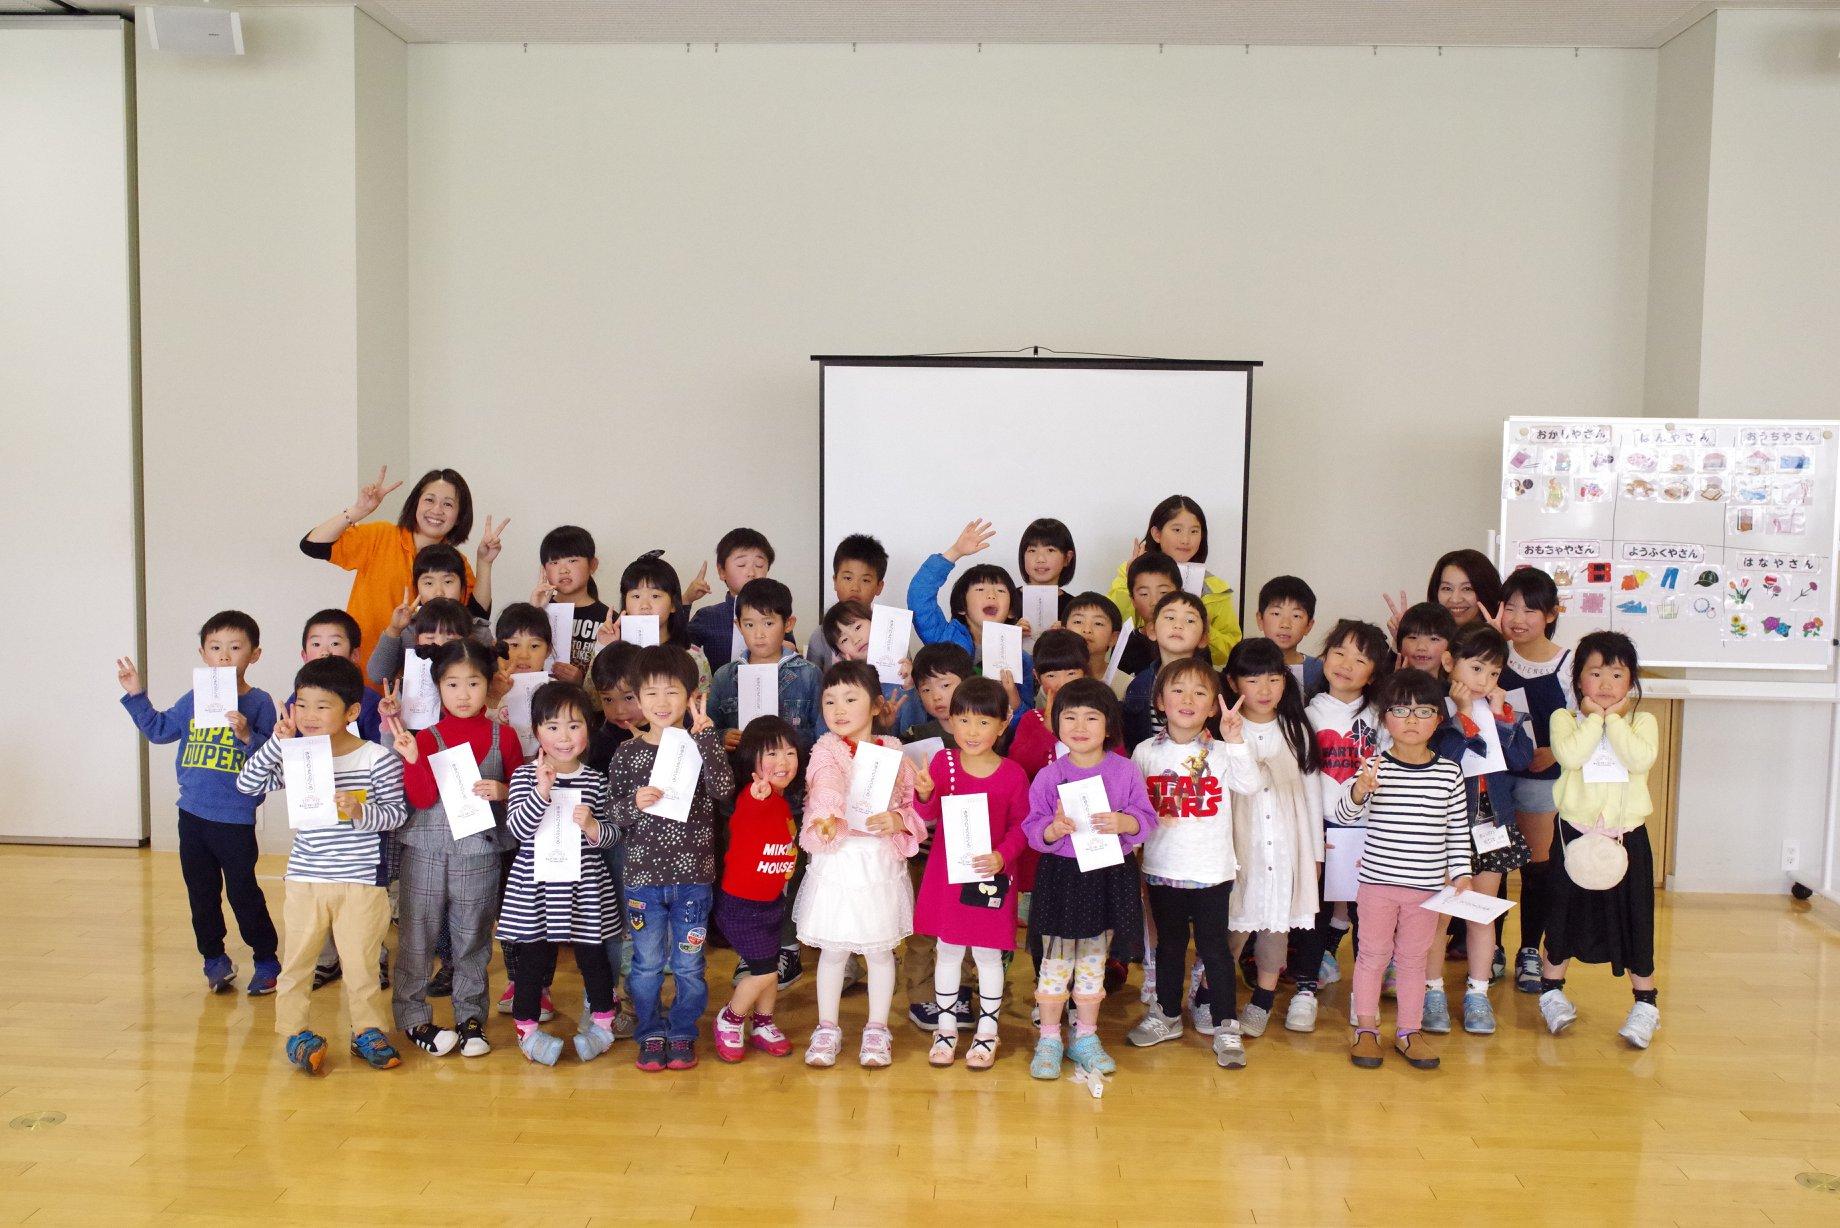 キッズマネースクール 全国一斉春イベントを開催しました!